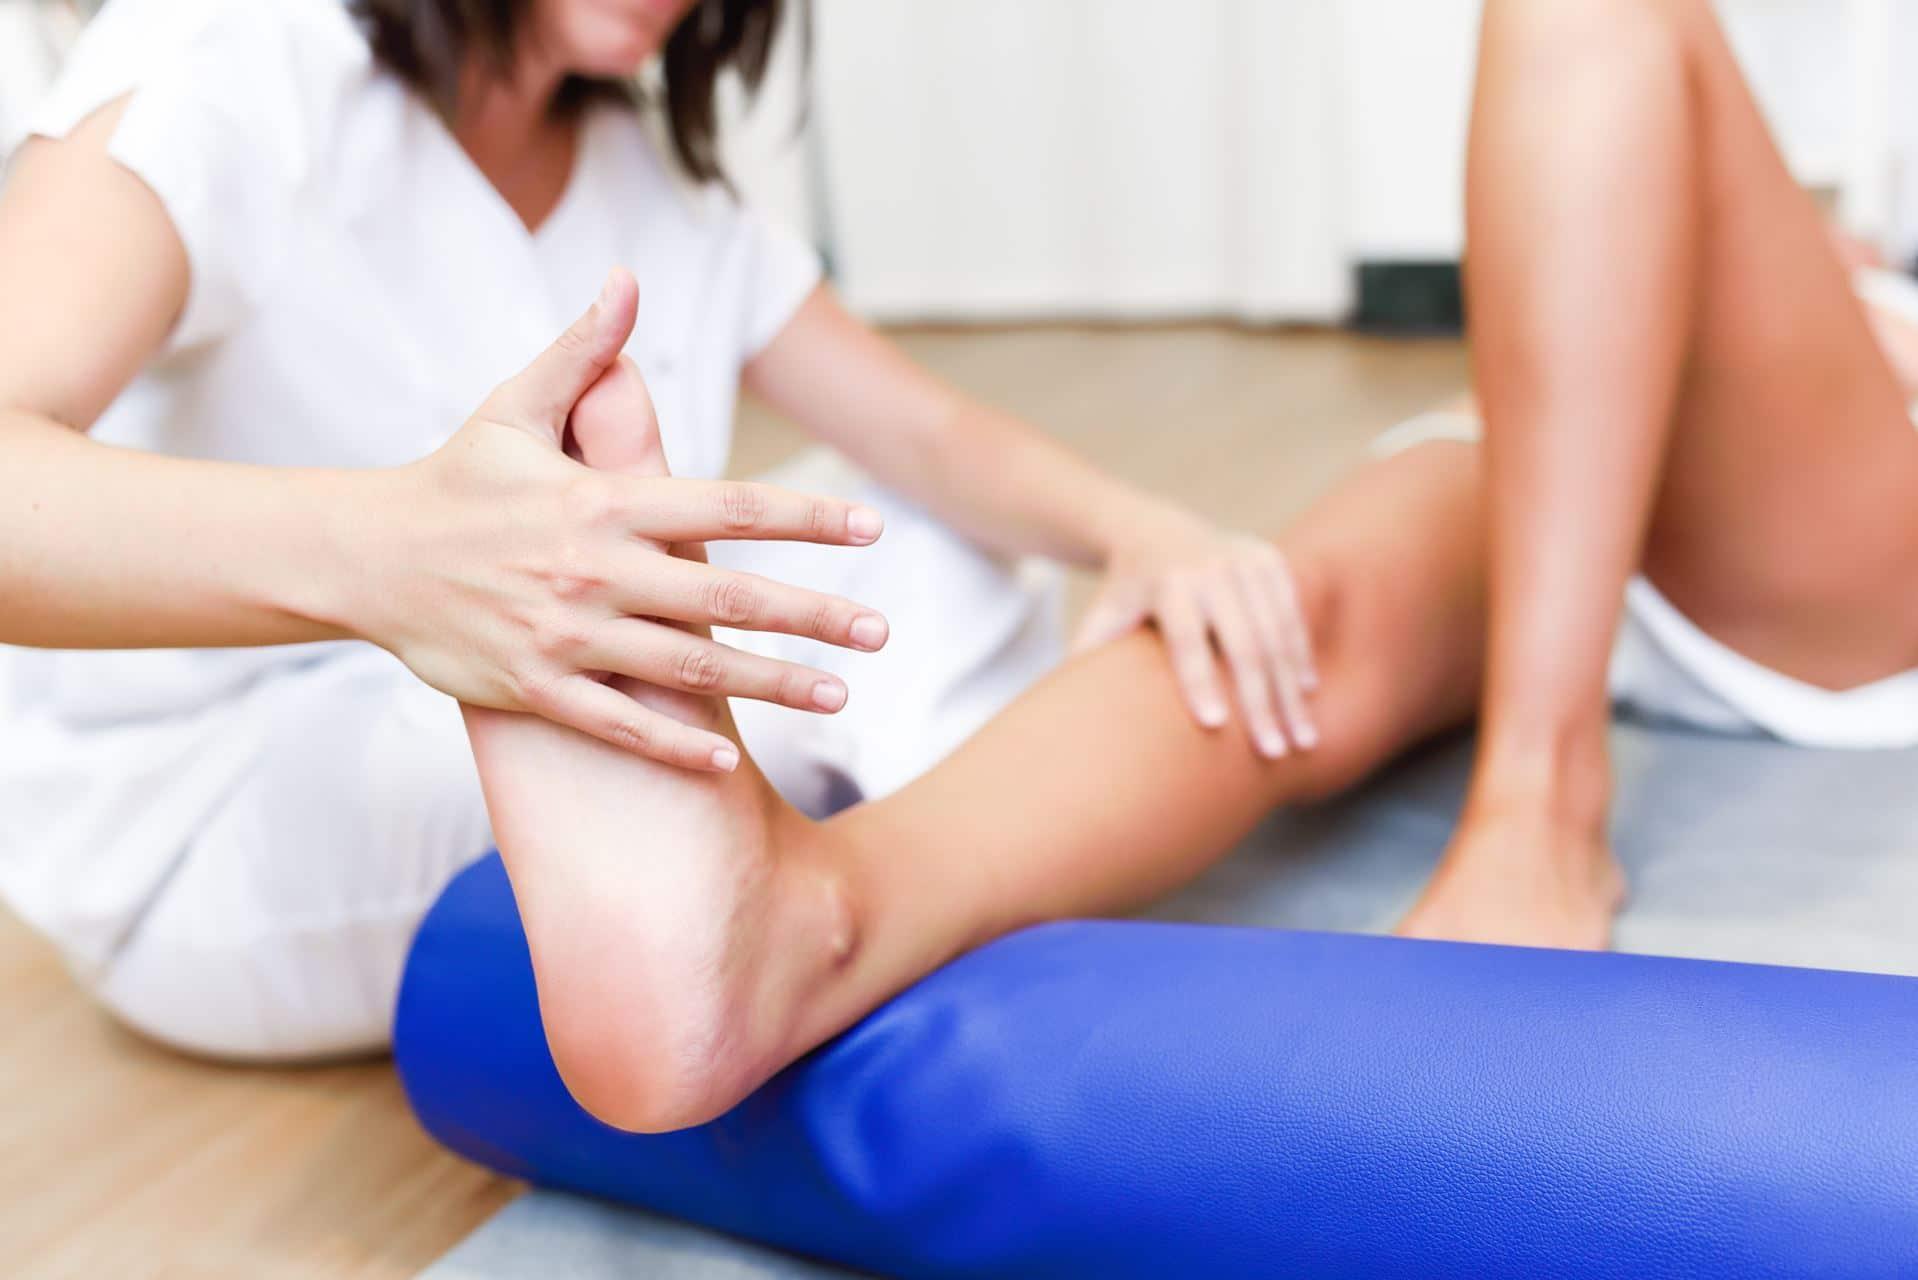 פיזיותרפיה לקרסול - Restart Therapy מומחים בשיקום פרטי בבית הלקוח